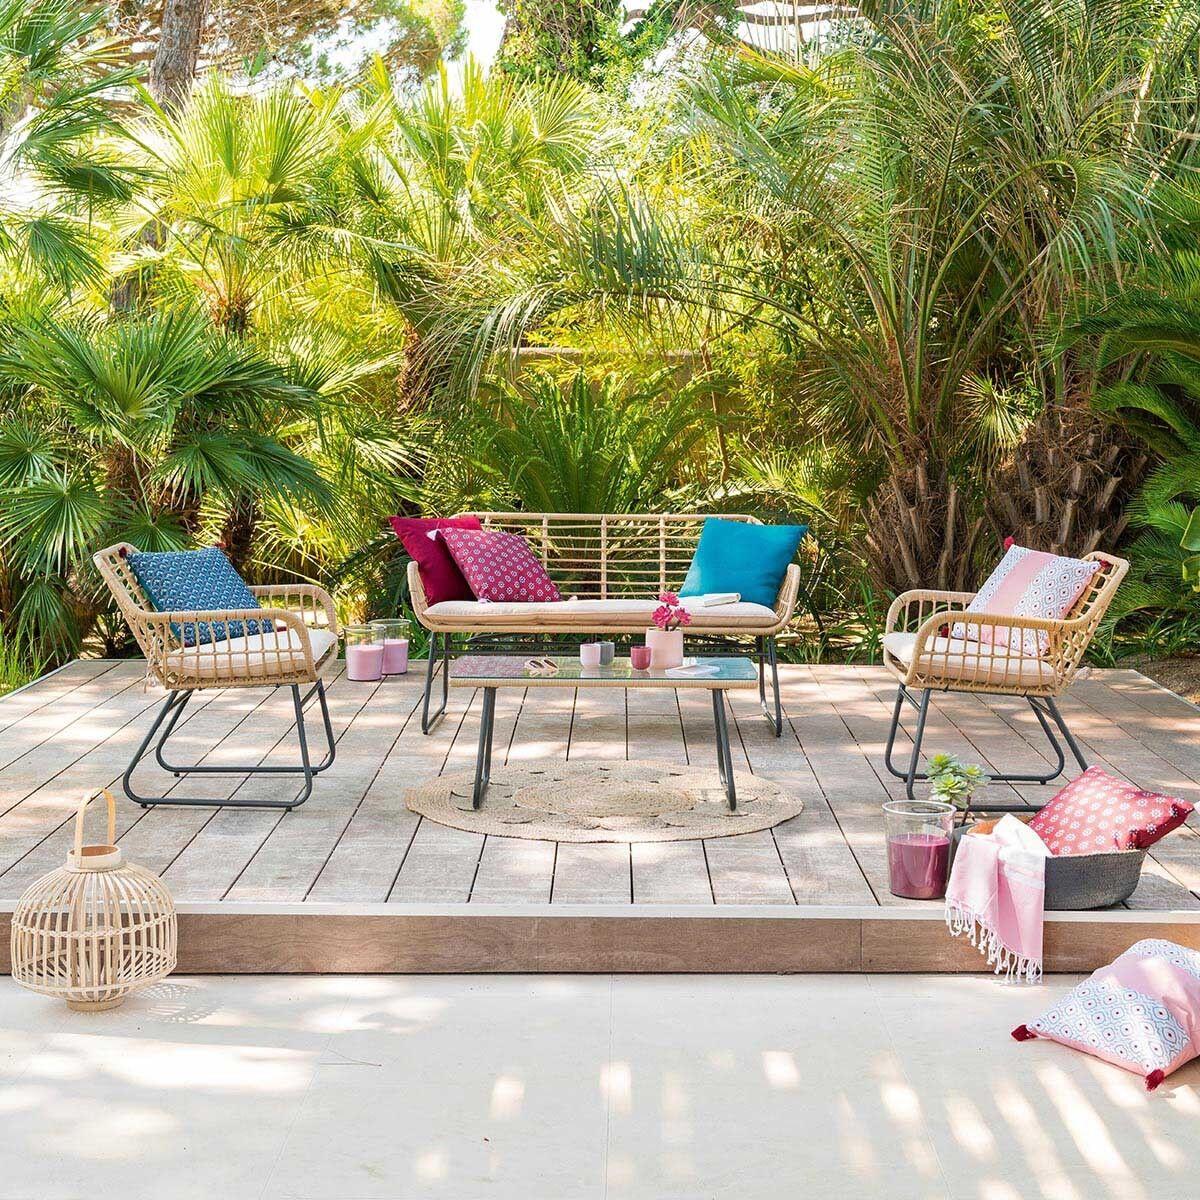 Hespéride Salon de jardin Lambada Sésame avec table basse rectangulaire 4 places - Acier traité époxy, Résine tressée, Verre trempé et polyester